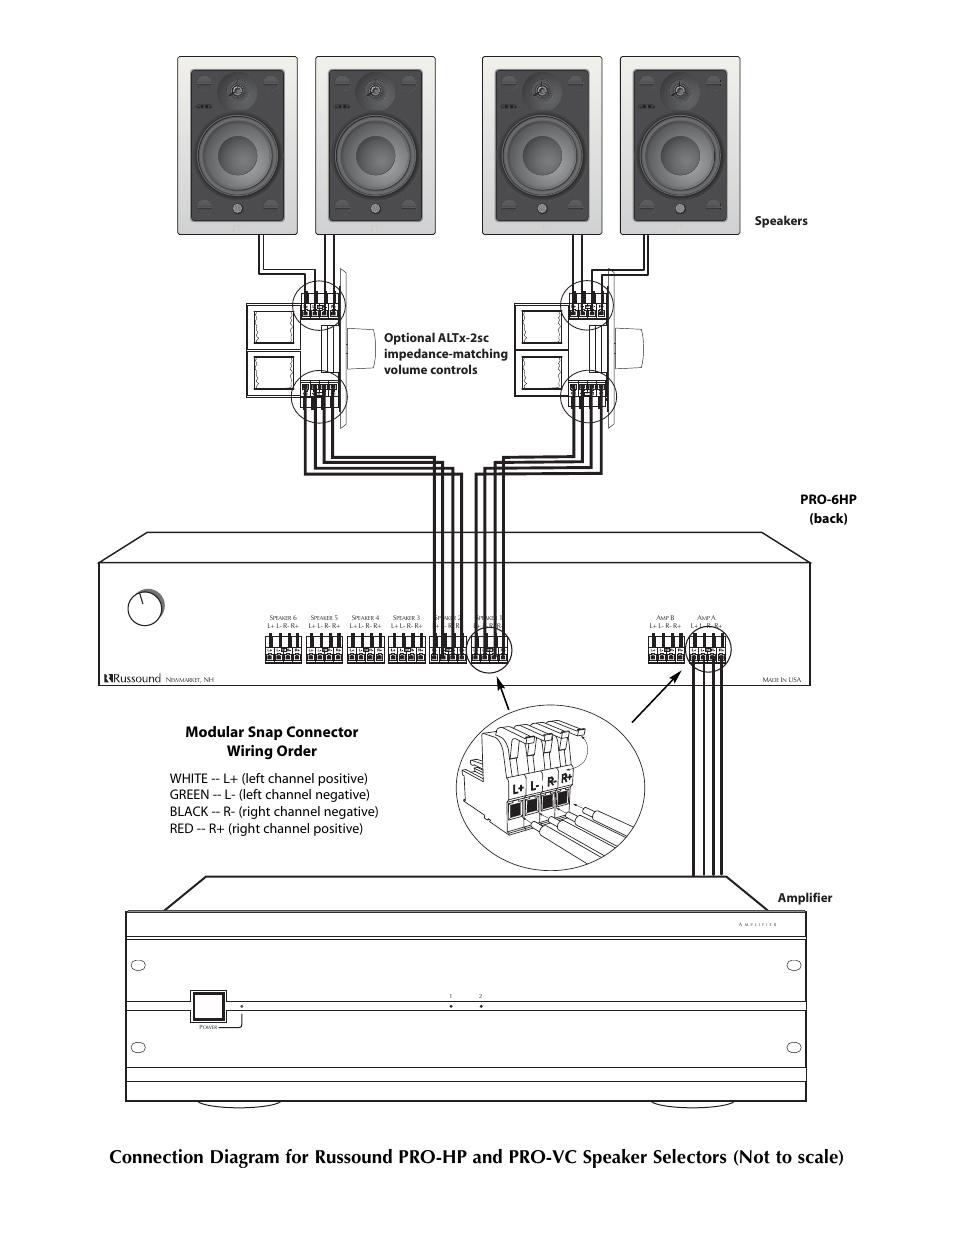 medium resolution of russound volume control wiring diagram wiring diagram insiderussound wiring diagram wiring diagram expert russound volume control